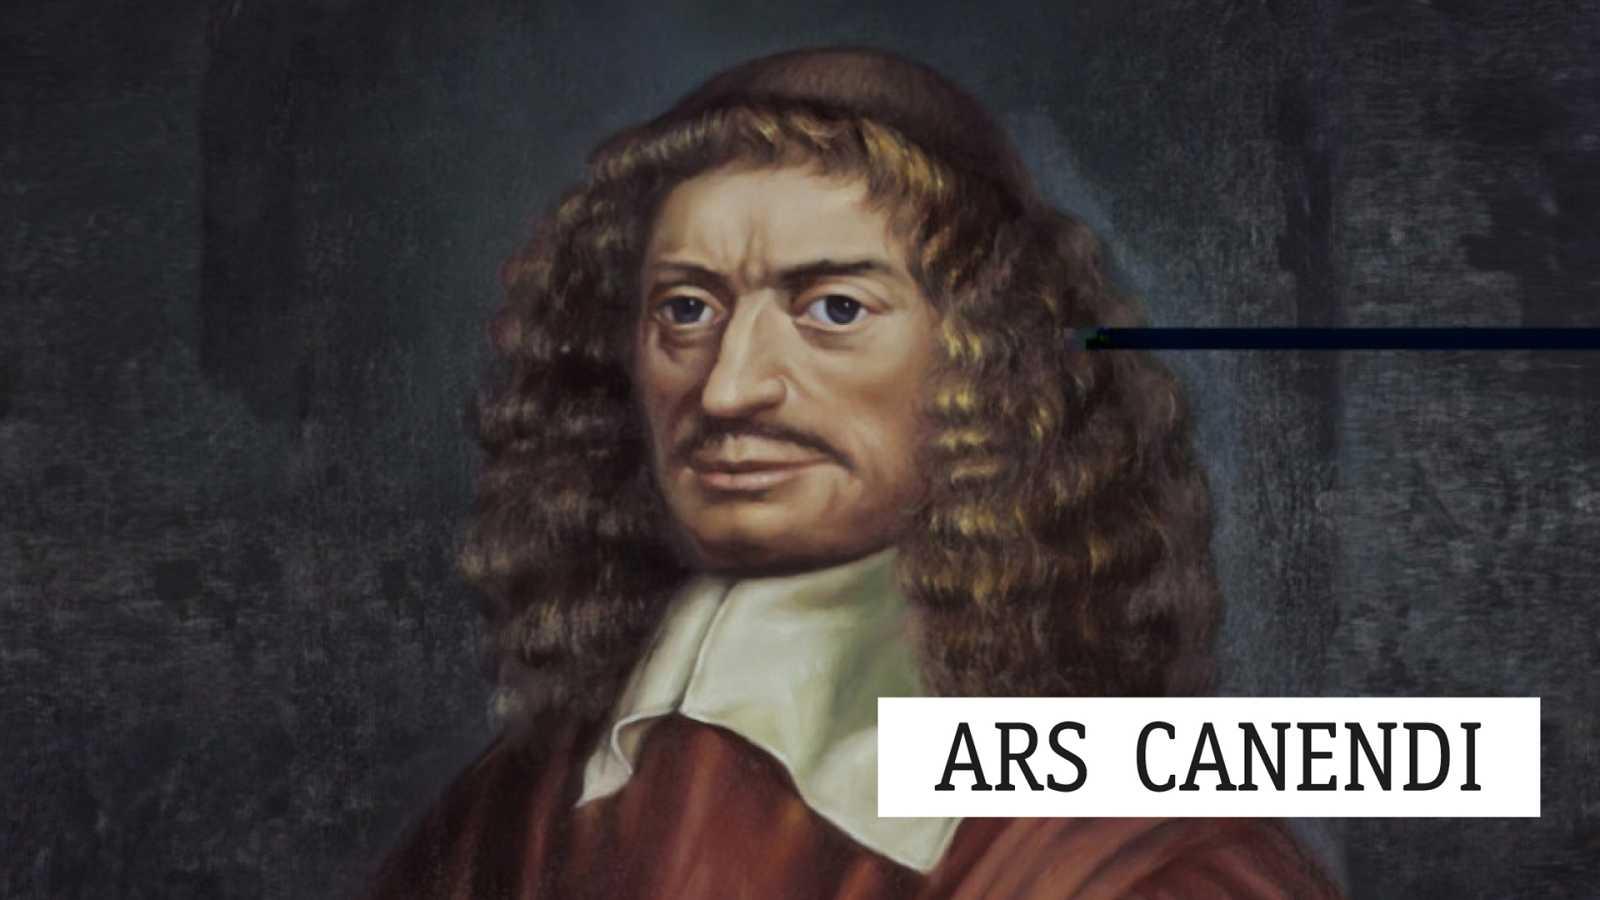 Ars canendi - La ciudad muerta de Korngold - 27/12/20 - escuchar ahora